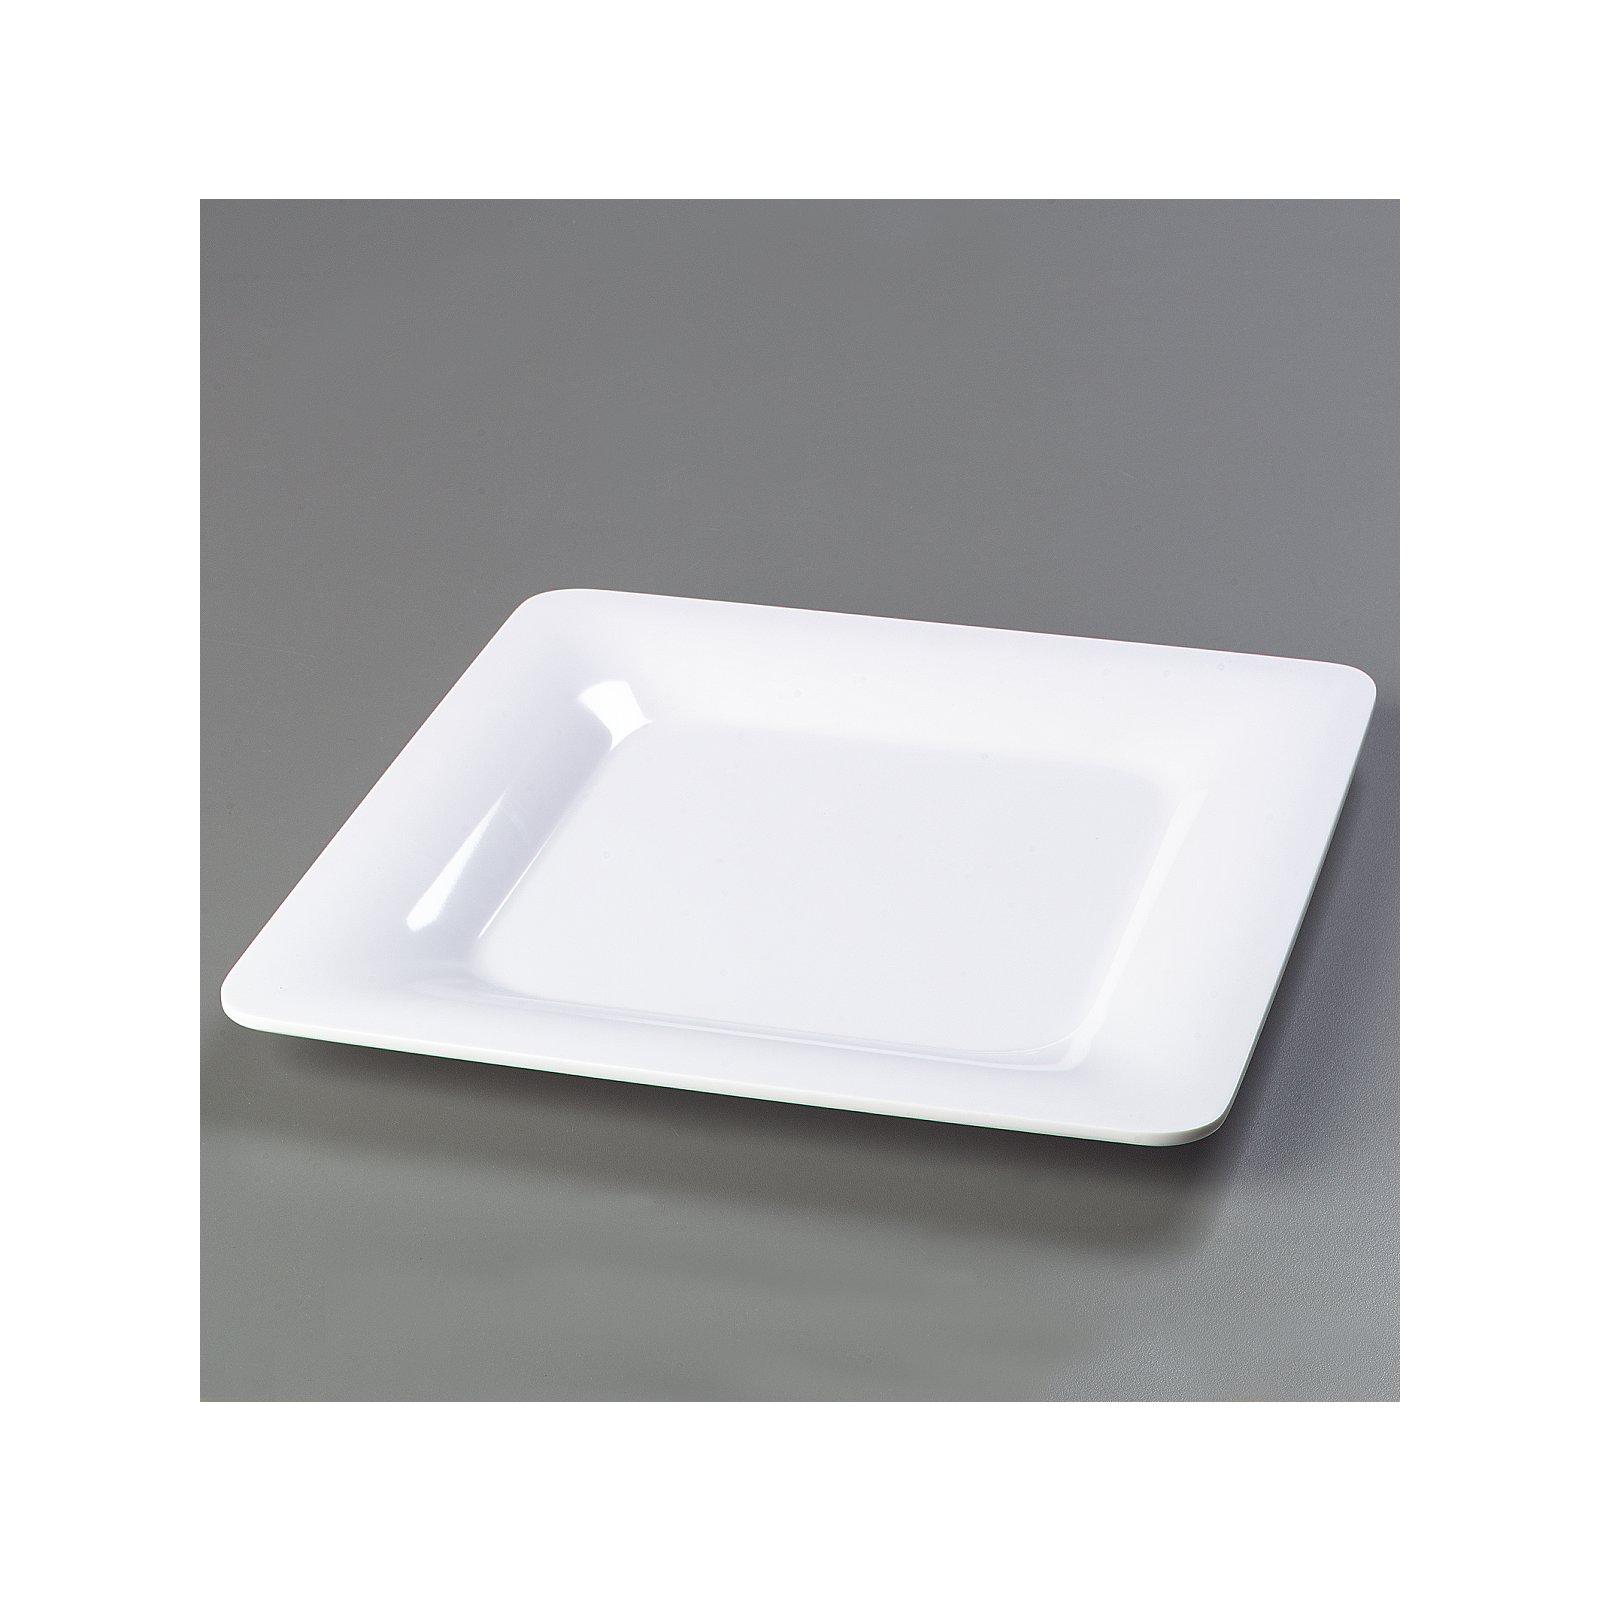 """4440002 - Designer Displayware™ Wide Rim Square Plate 12"""" - White ... for Square Plate Designs  150ifm"""